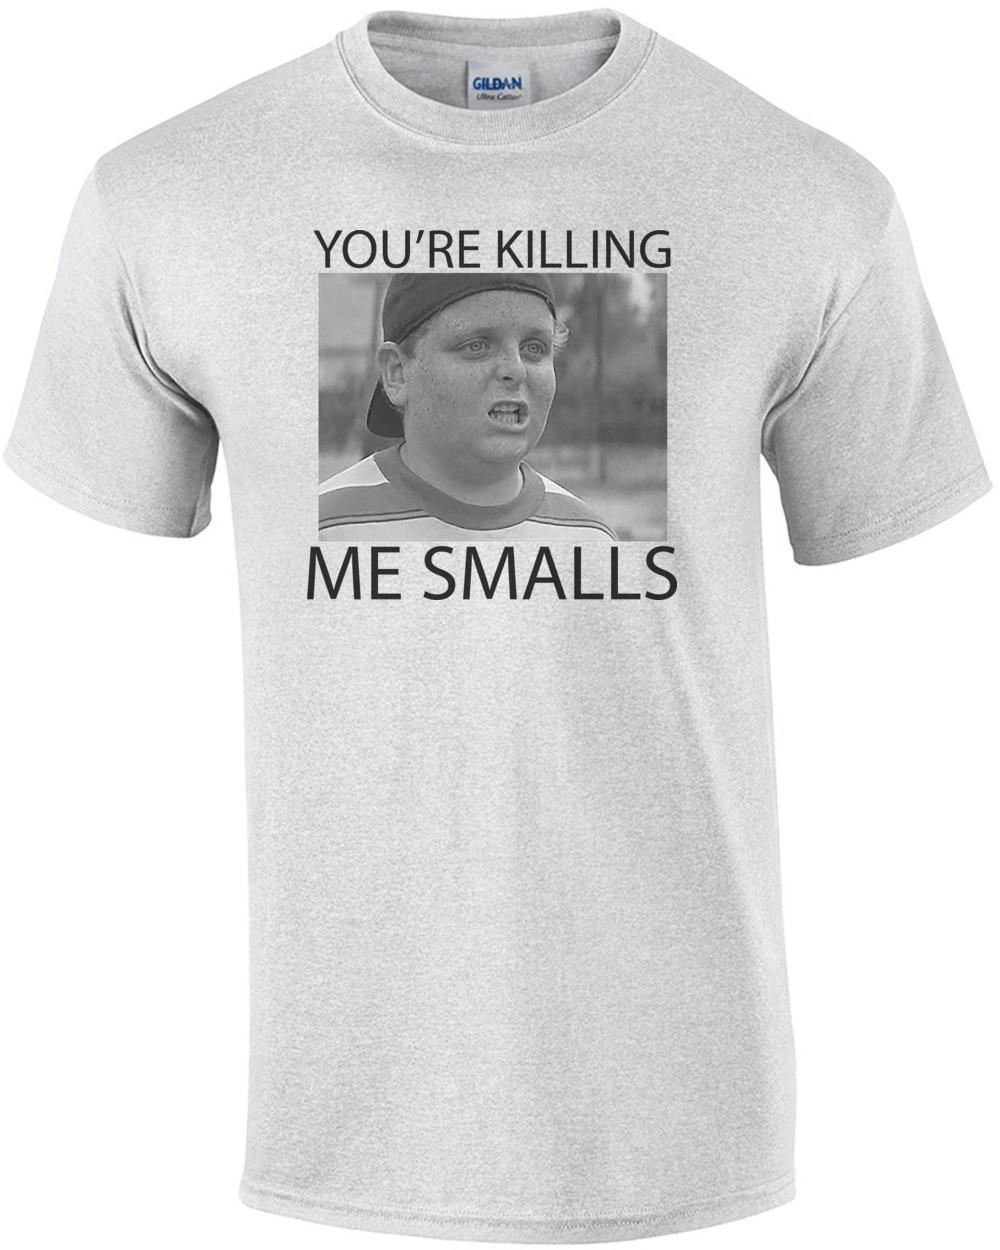 fa00b6501310 You're Killing Me Smalls - Sandlot T-Shirt